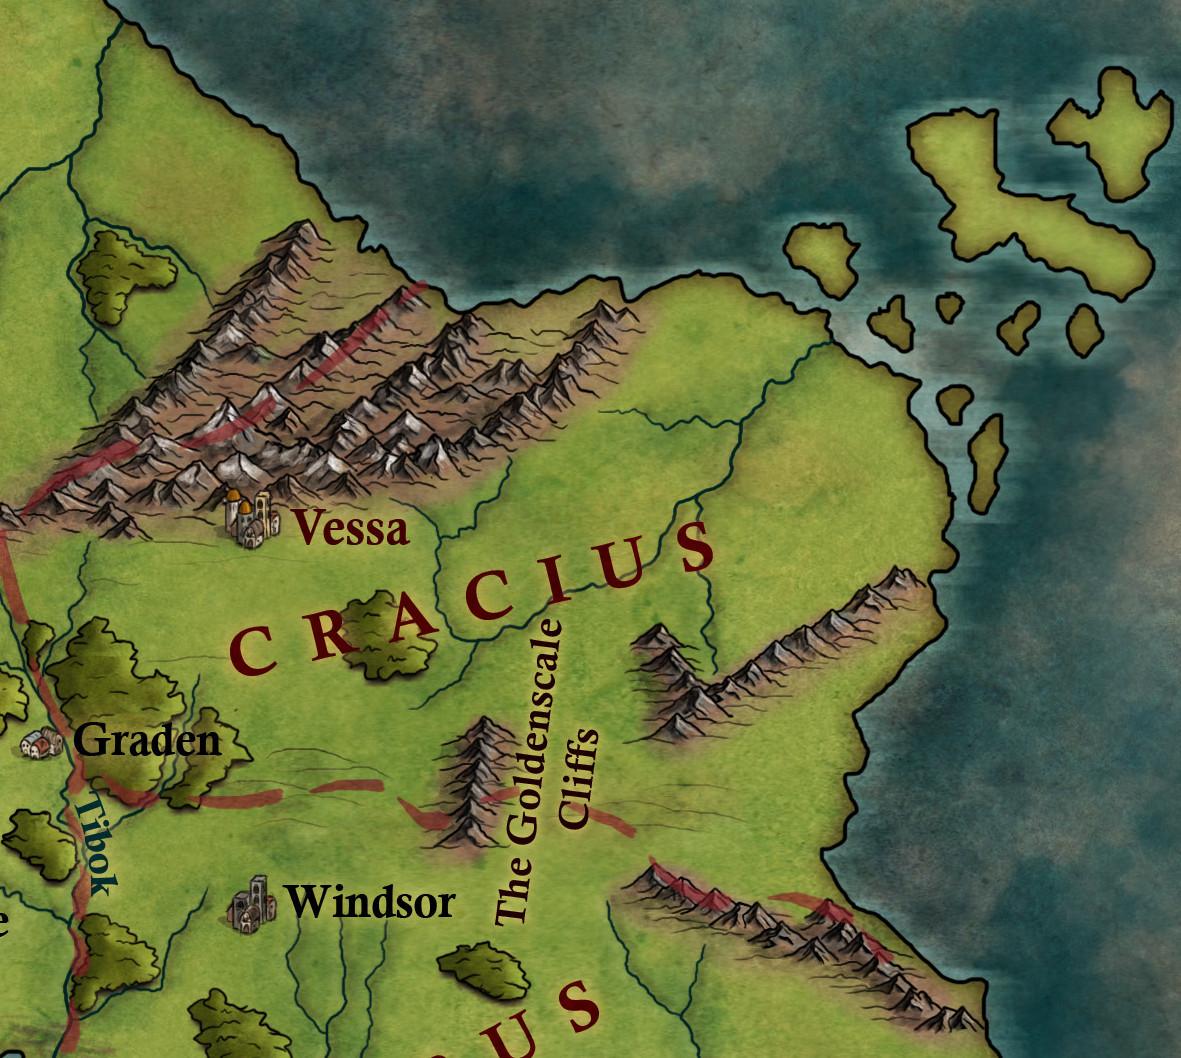 Cracius